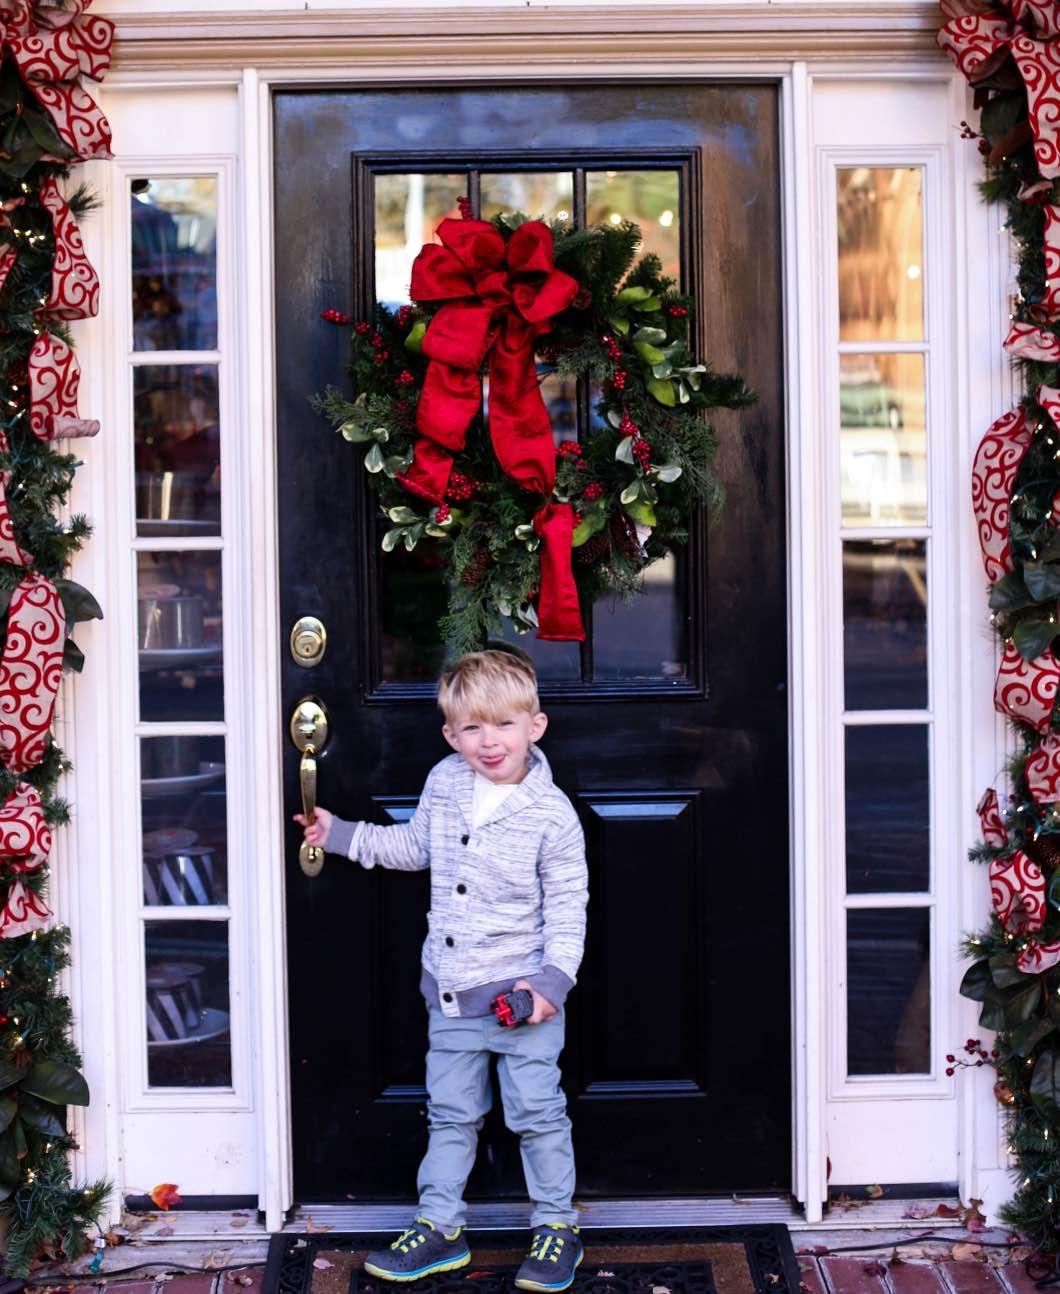 OshKosh Christmas Fashion - Baby and Toddler Holiday Outfits with OshKosh B'gosh by Atlanta style blogger Happily Hughes